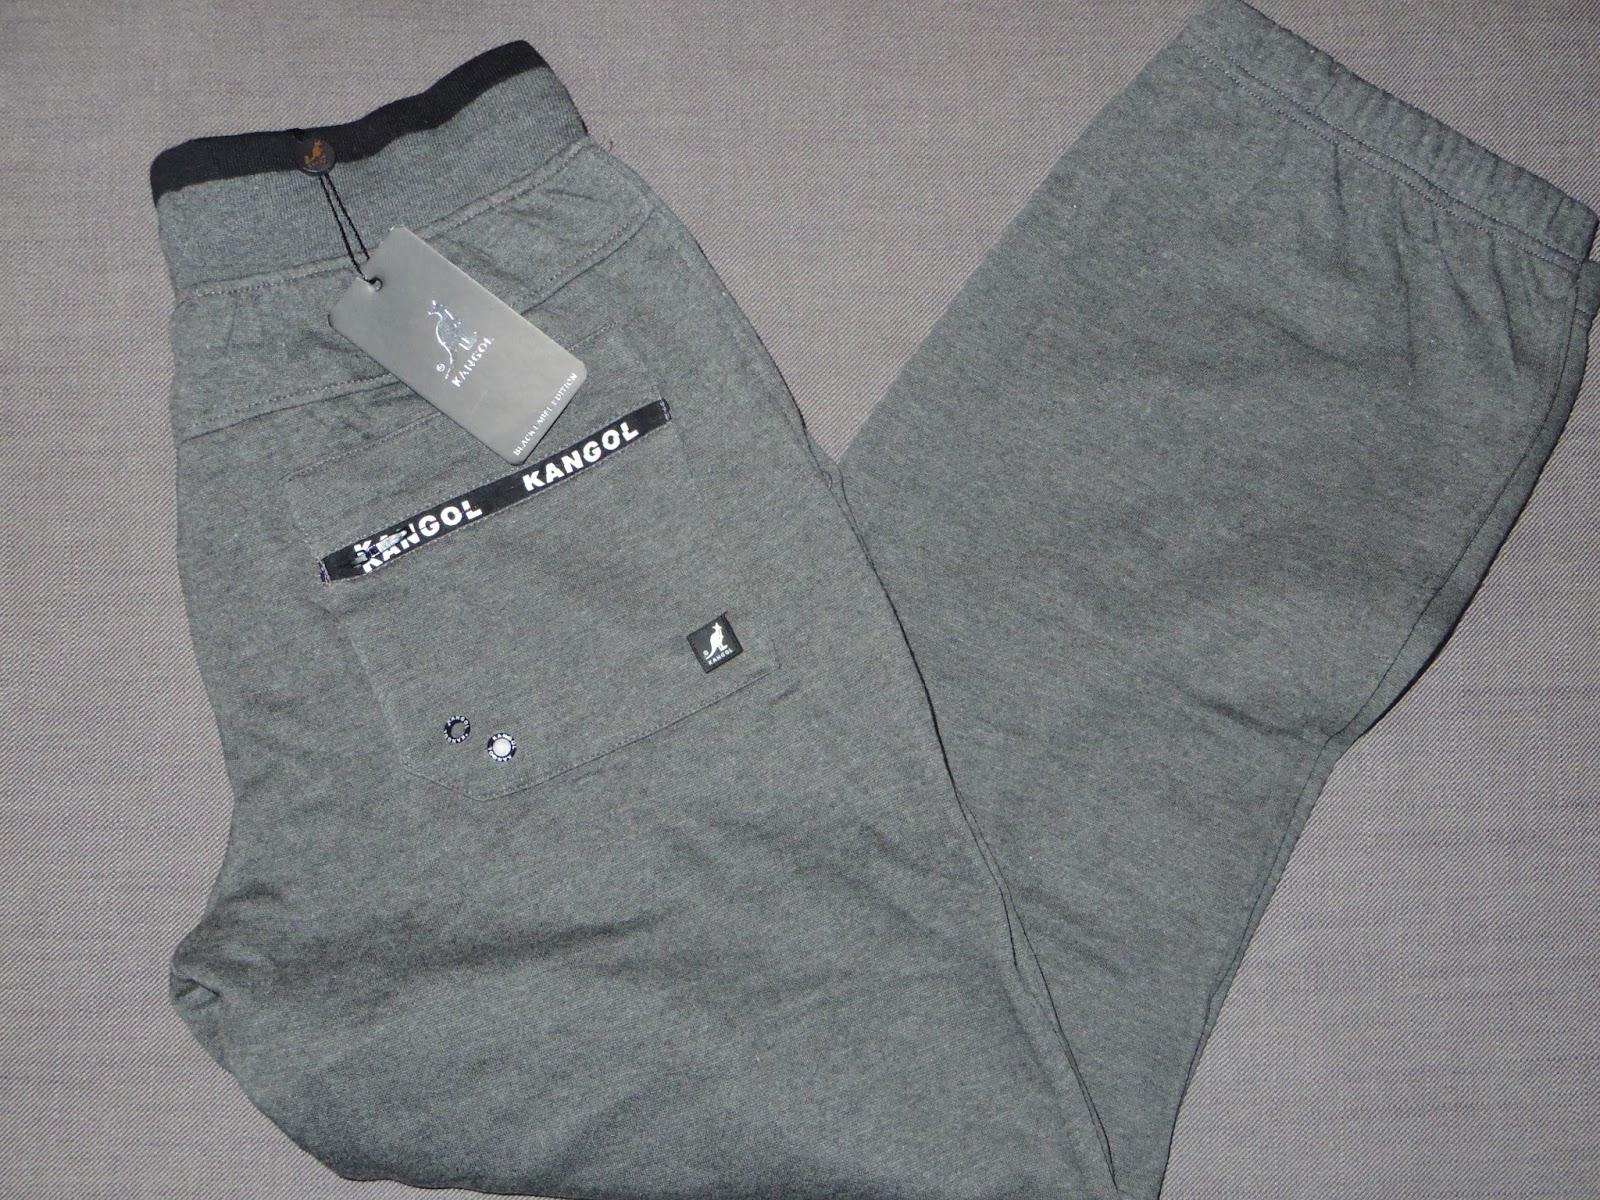 04e7b2609 The Hut vende ropa hombre por interntet, a un precio muy económico y sin  gastos de envío para España, el problema es que tardan un poco, el último  pedido ...